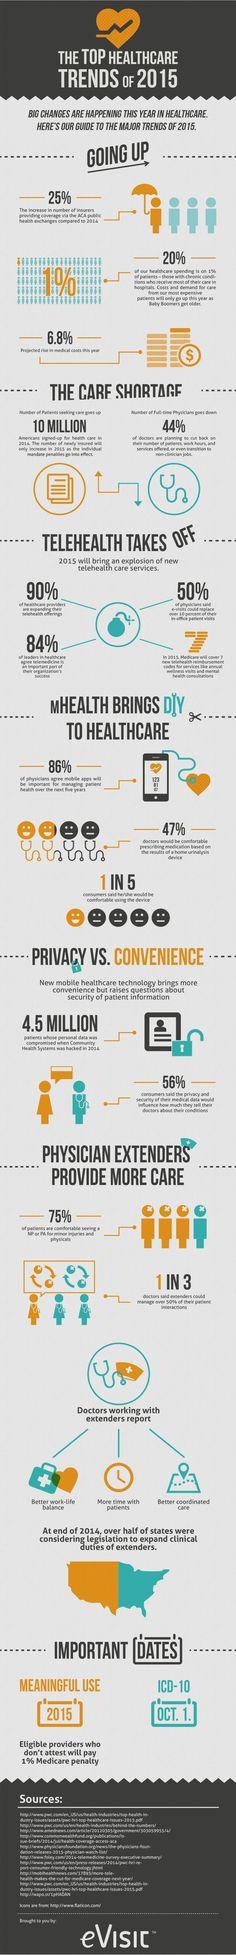 Infographic: Top Healthcare Trends of 2015  www.mpaagroup.com #informatics #HealthcareTrends